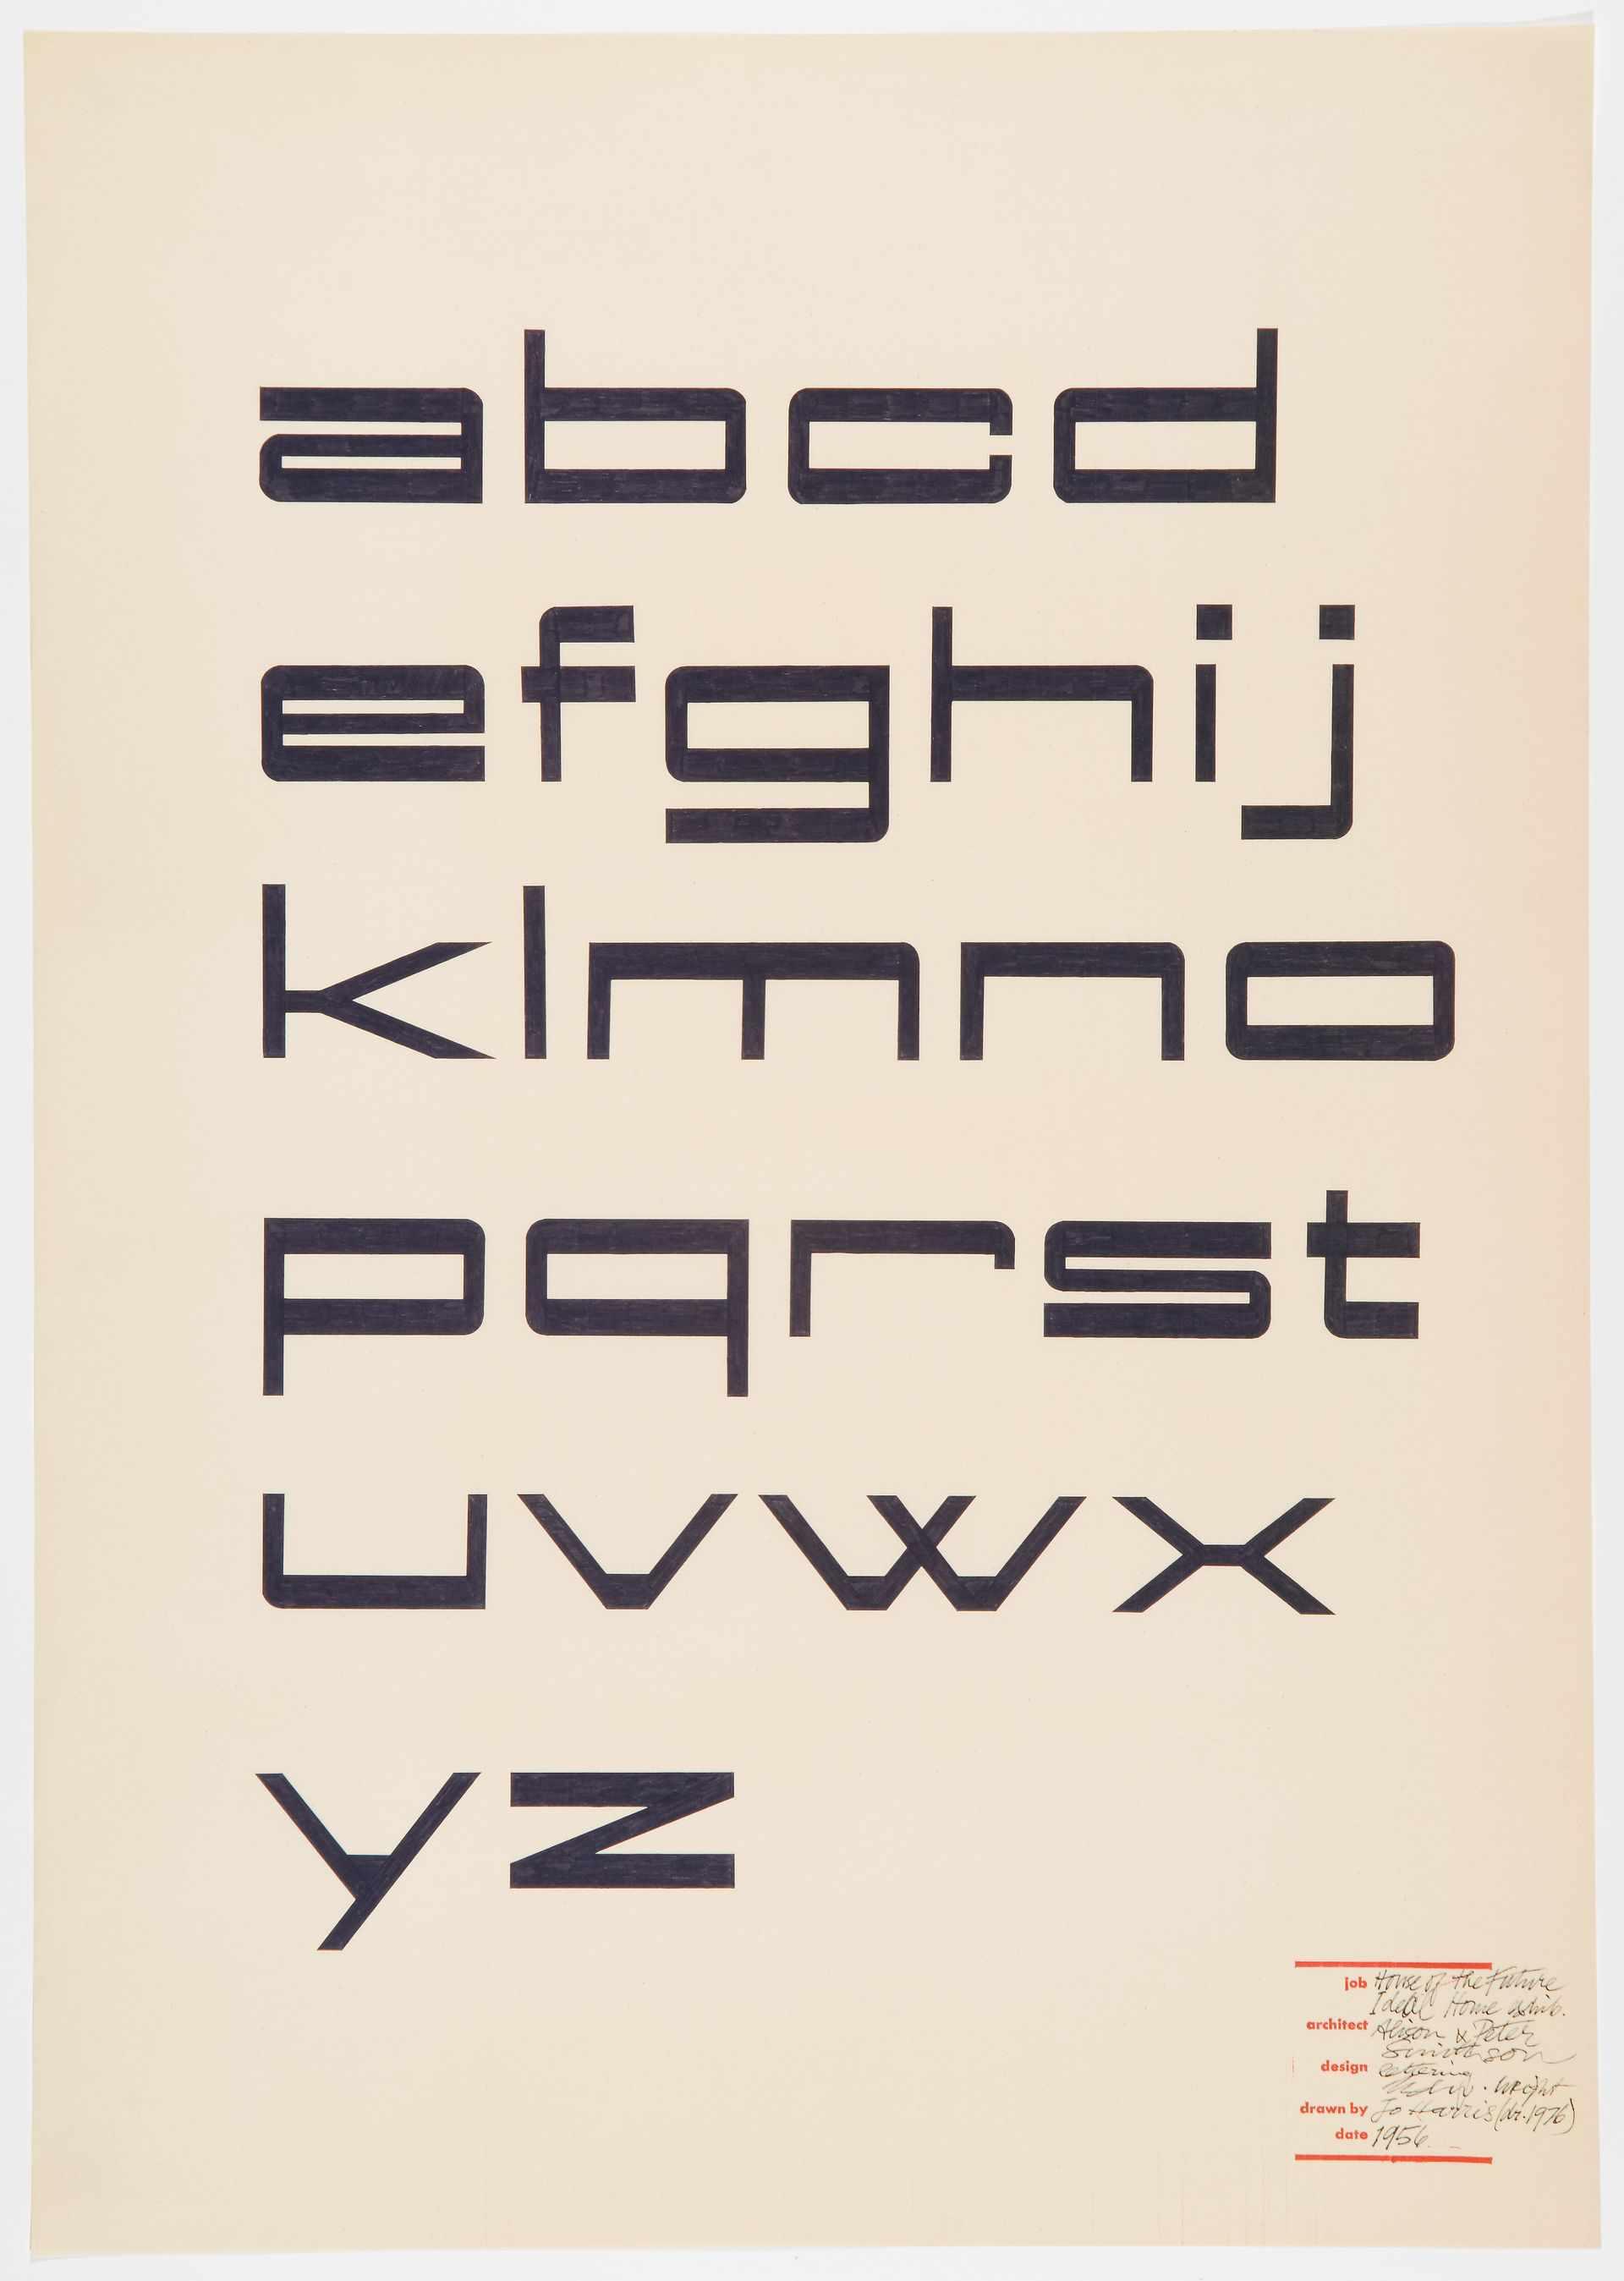 Sample alphabet of low, narrow, angular typeface